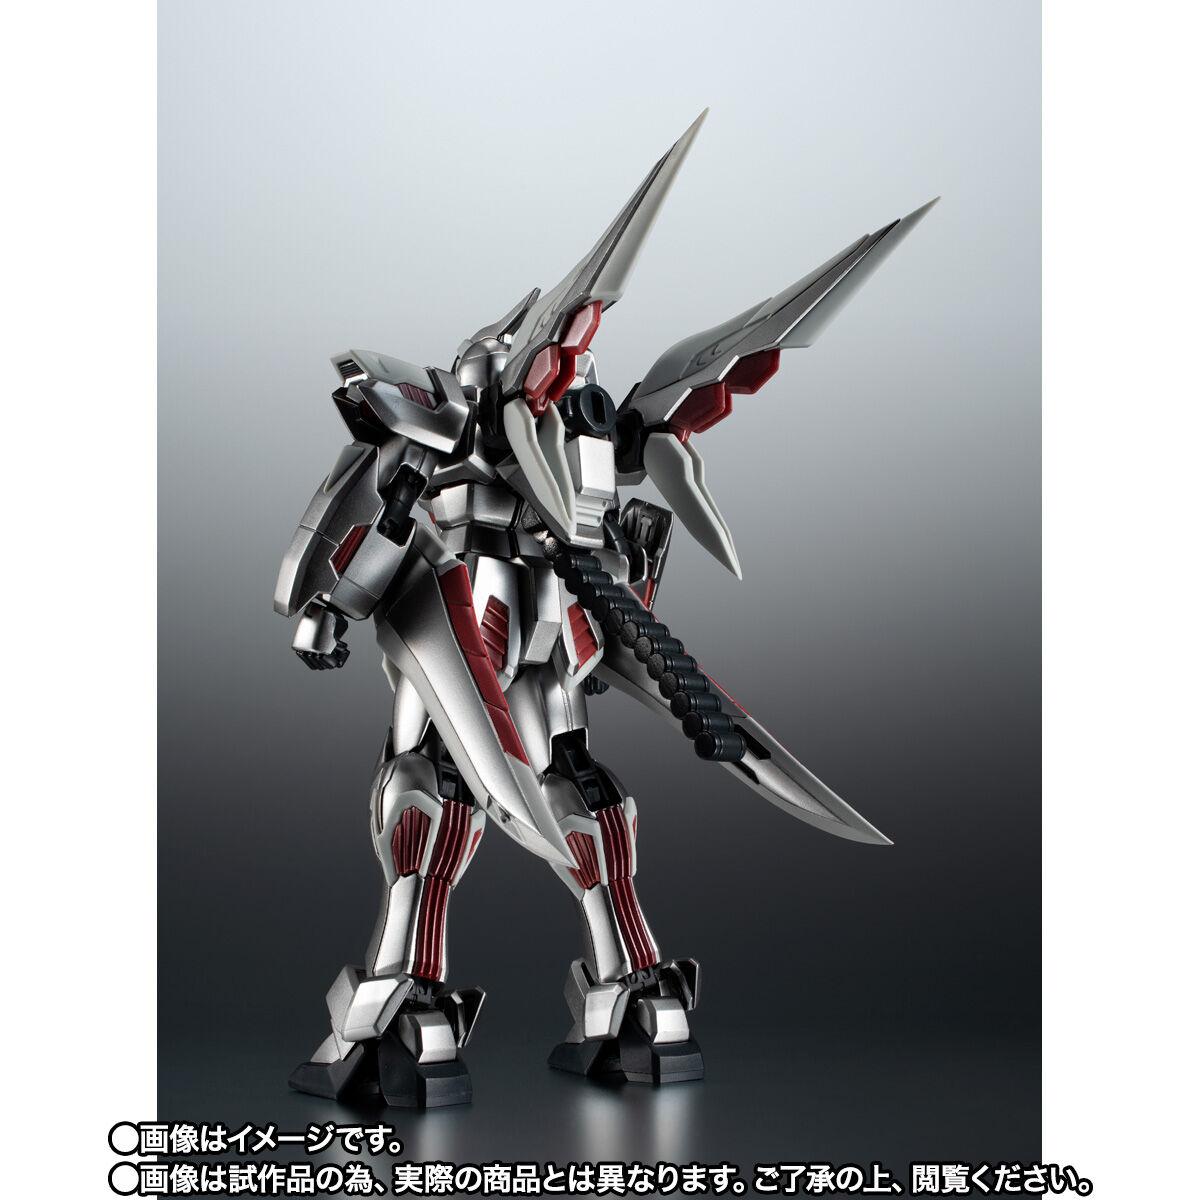 【限定販売】ROBOT魂〈SIDE MS〉『ゴーストガンダム』クロスボーン・ガンダム 可動フィギュア-003